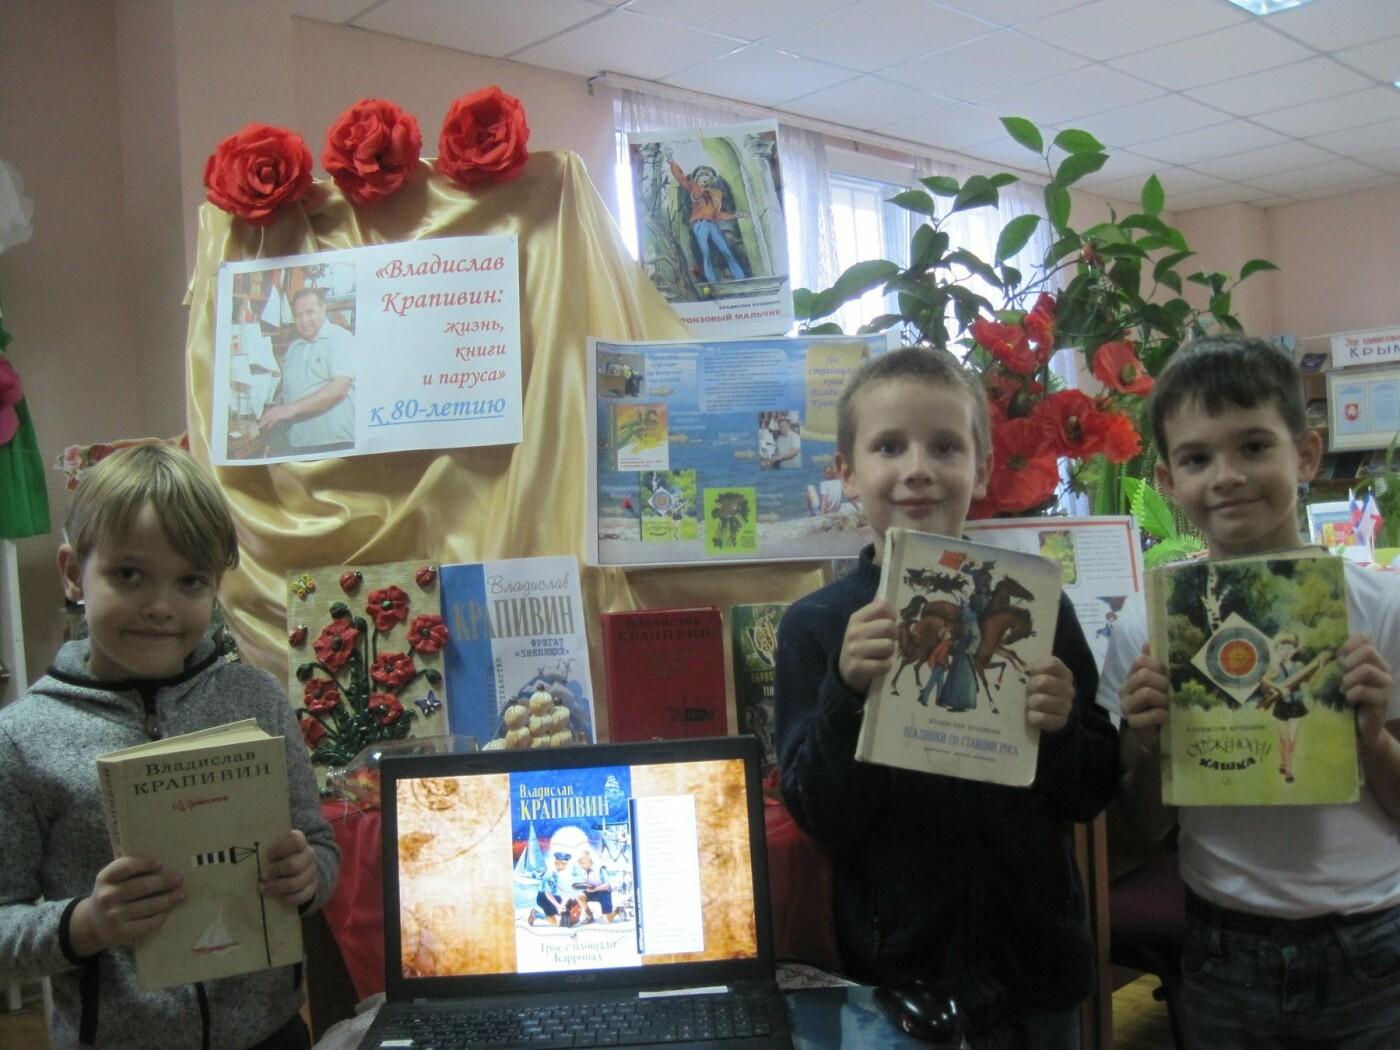 В Ялте состоялся литературный портрет «Владислав Крапивин: жизнь, книги и паруса», фото-3